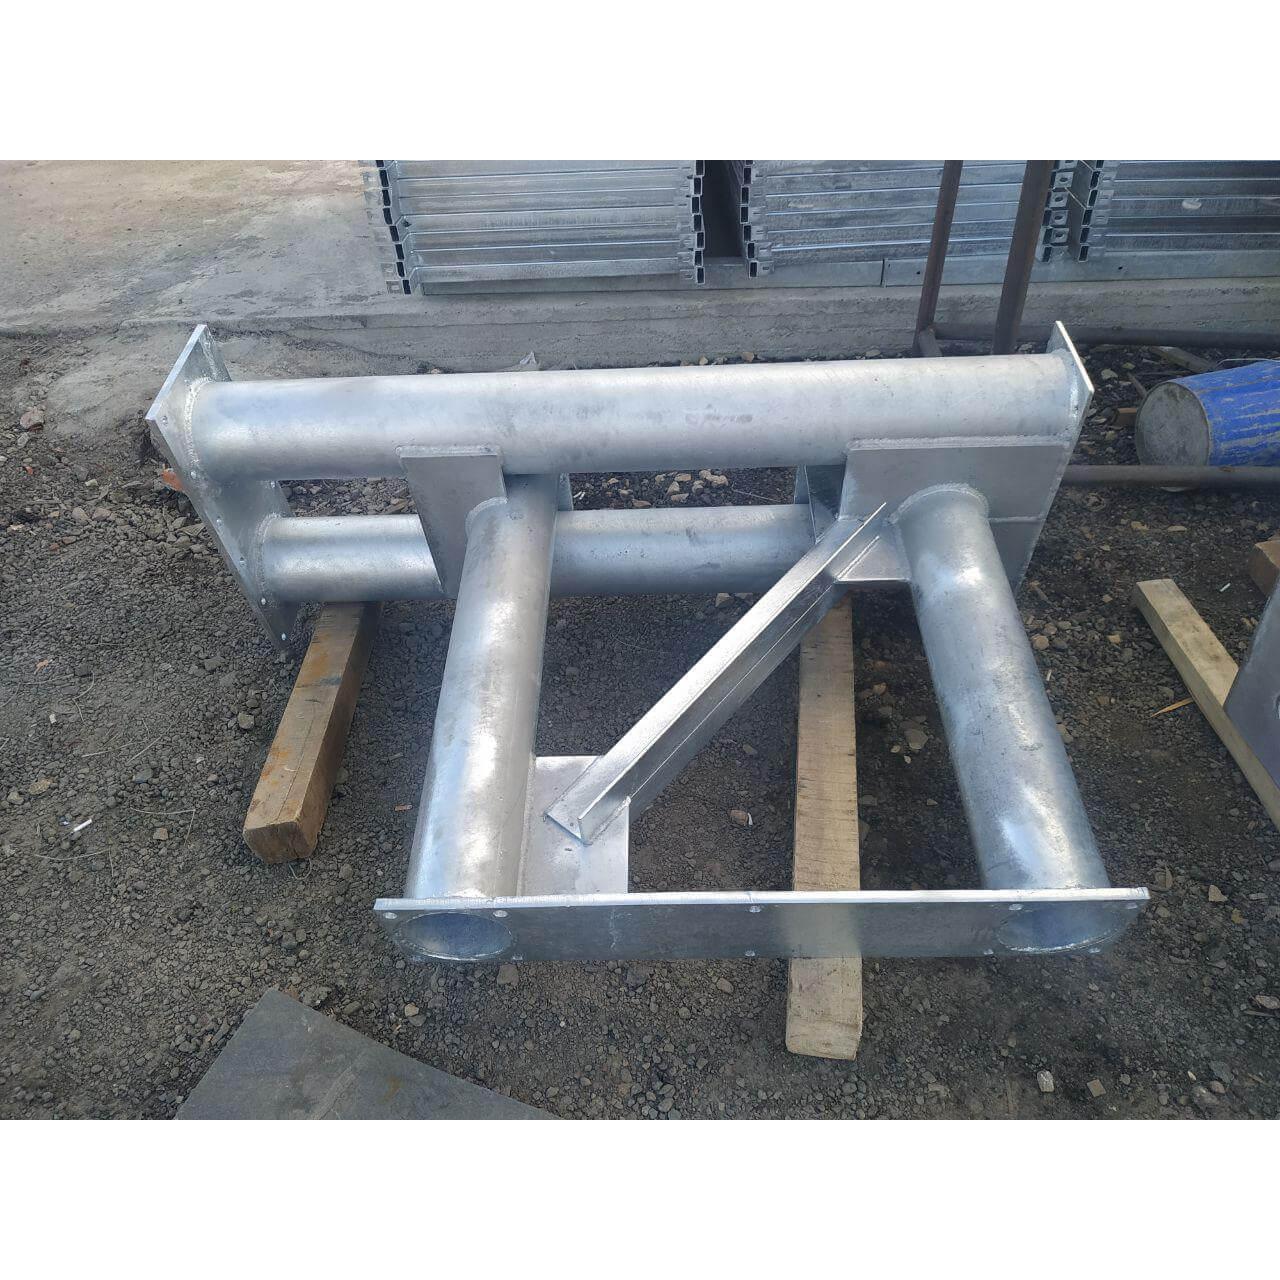 опора РМГ для дорожных знаков ригель металлический г-образный оцинкованный соединение болтовое